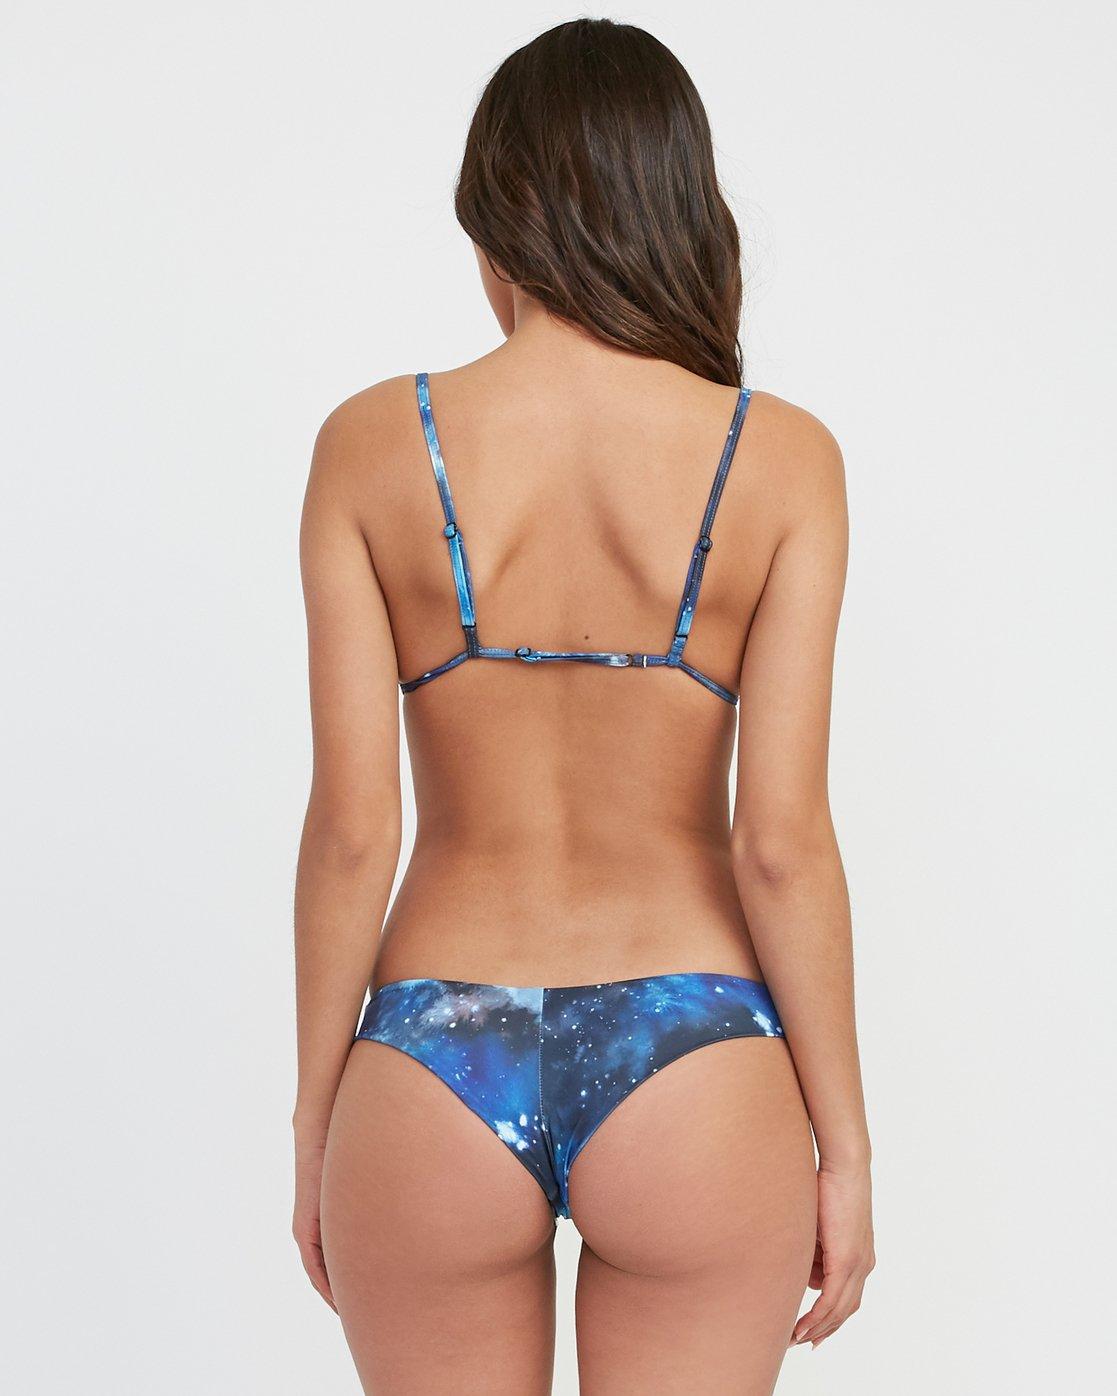 0 Michelle Blade Celestial Cheeky Bikini Bottom Multicolor XB12SRCC RVCA